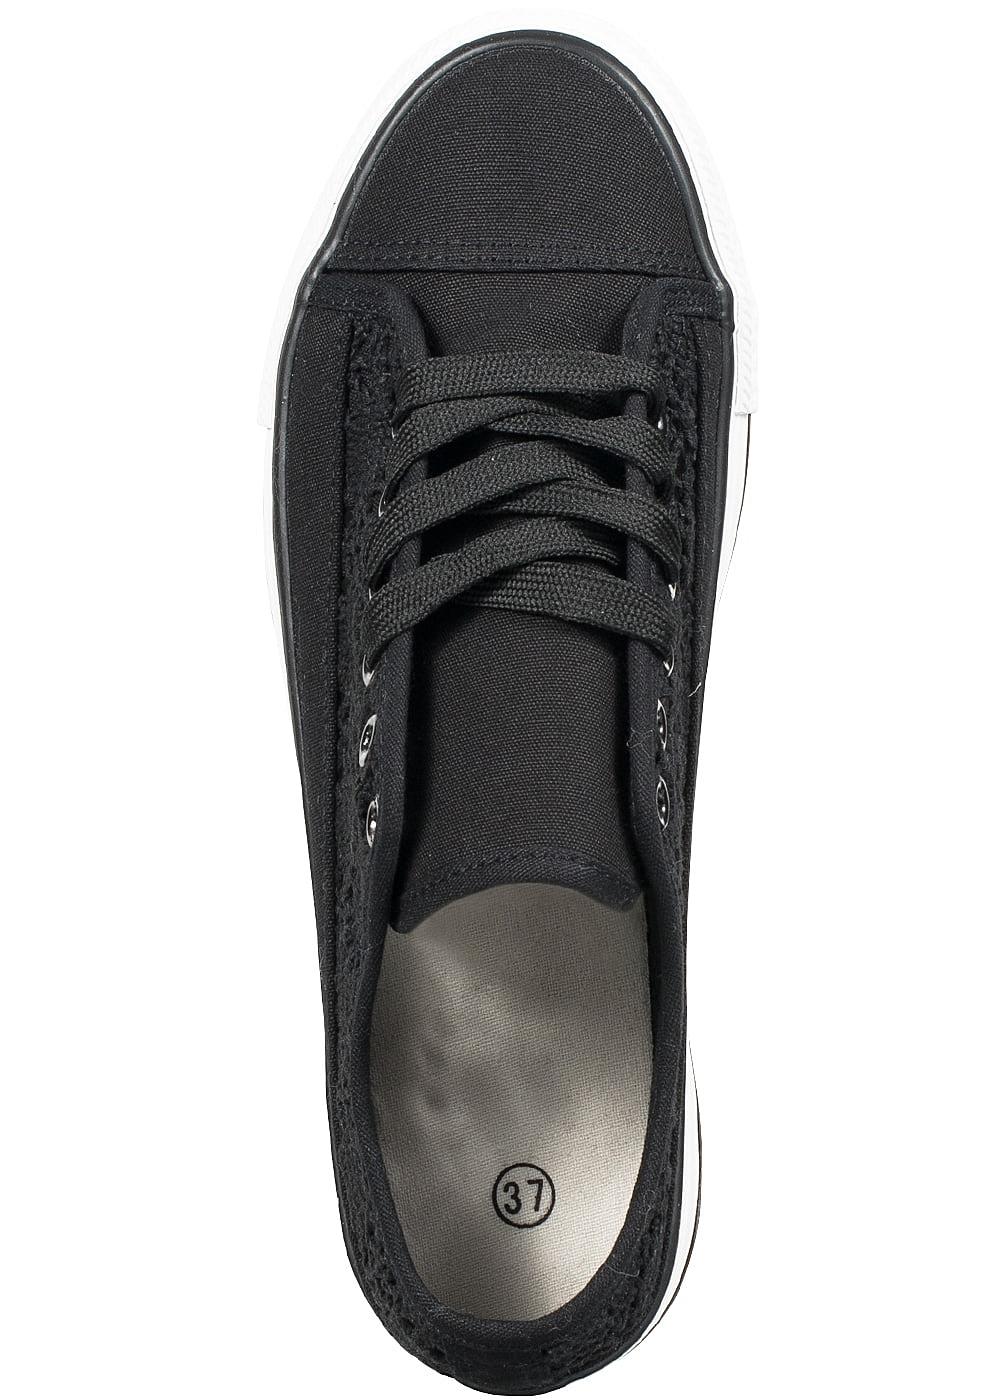 seventyseven lifestyle schuh damen sneaker zum binden h keleinsatz schwarz 77onlineshop. Black Bedroom Furniture Sets. Home Design Ideas